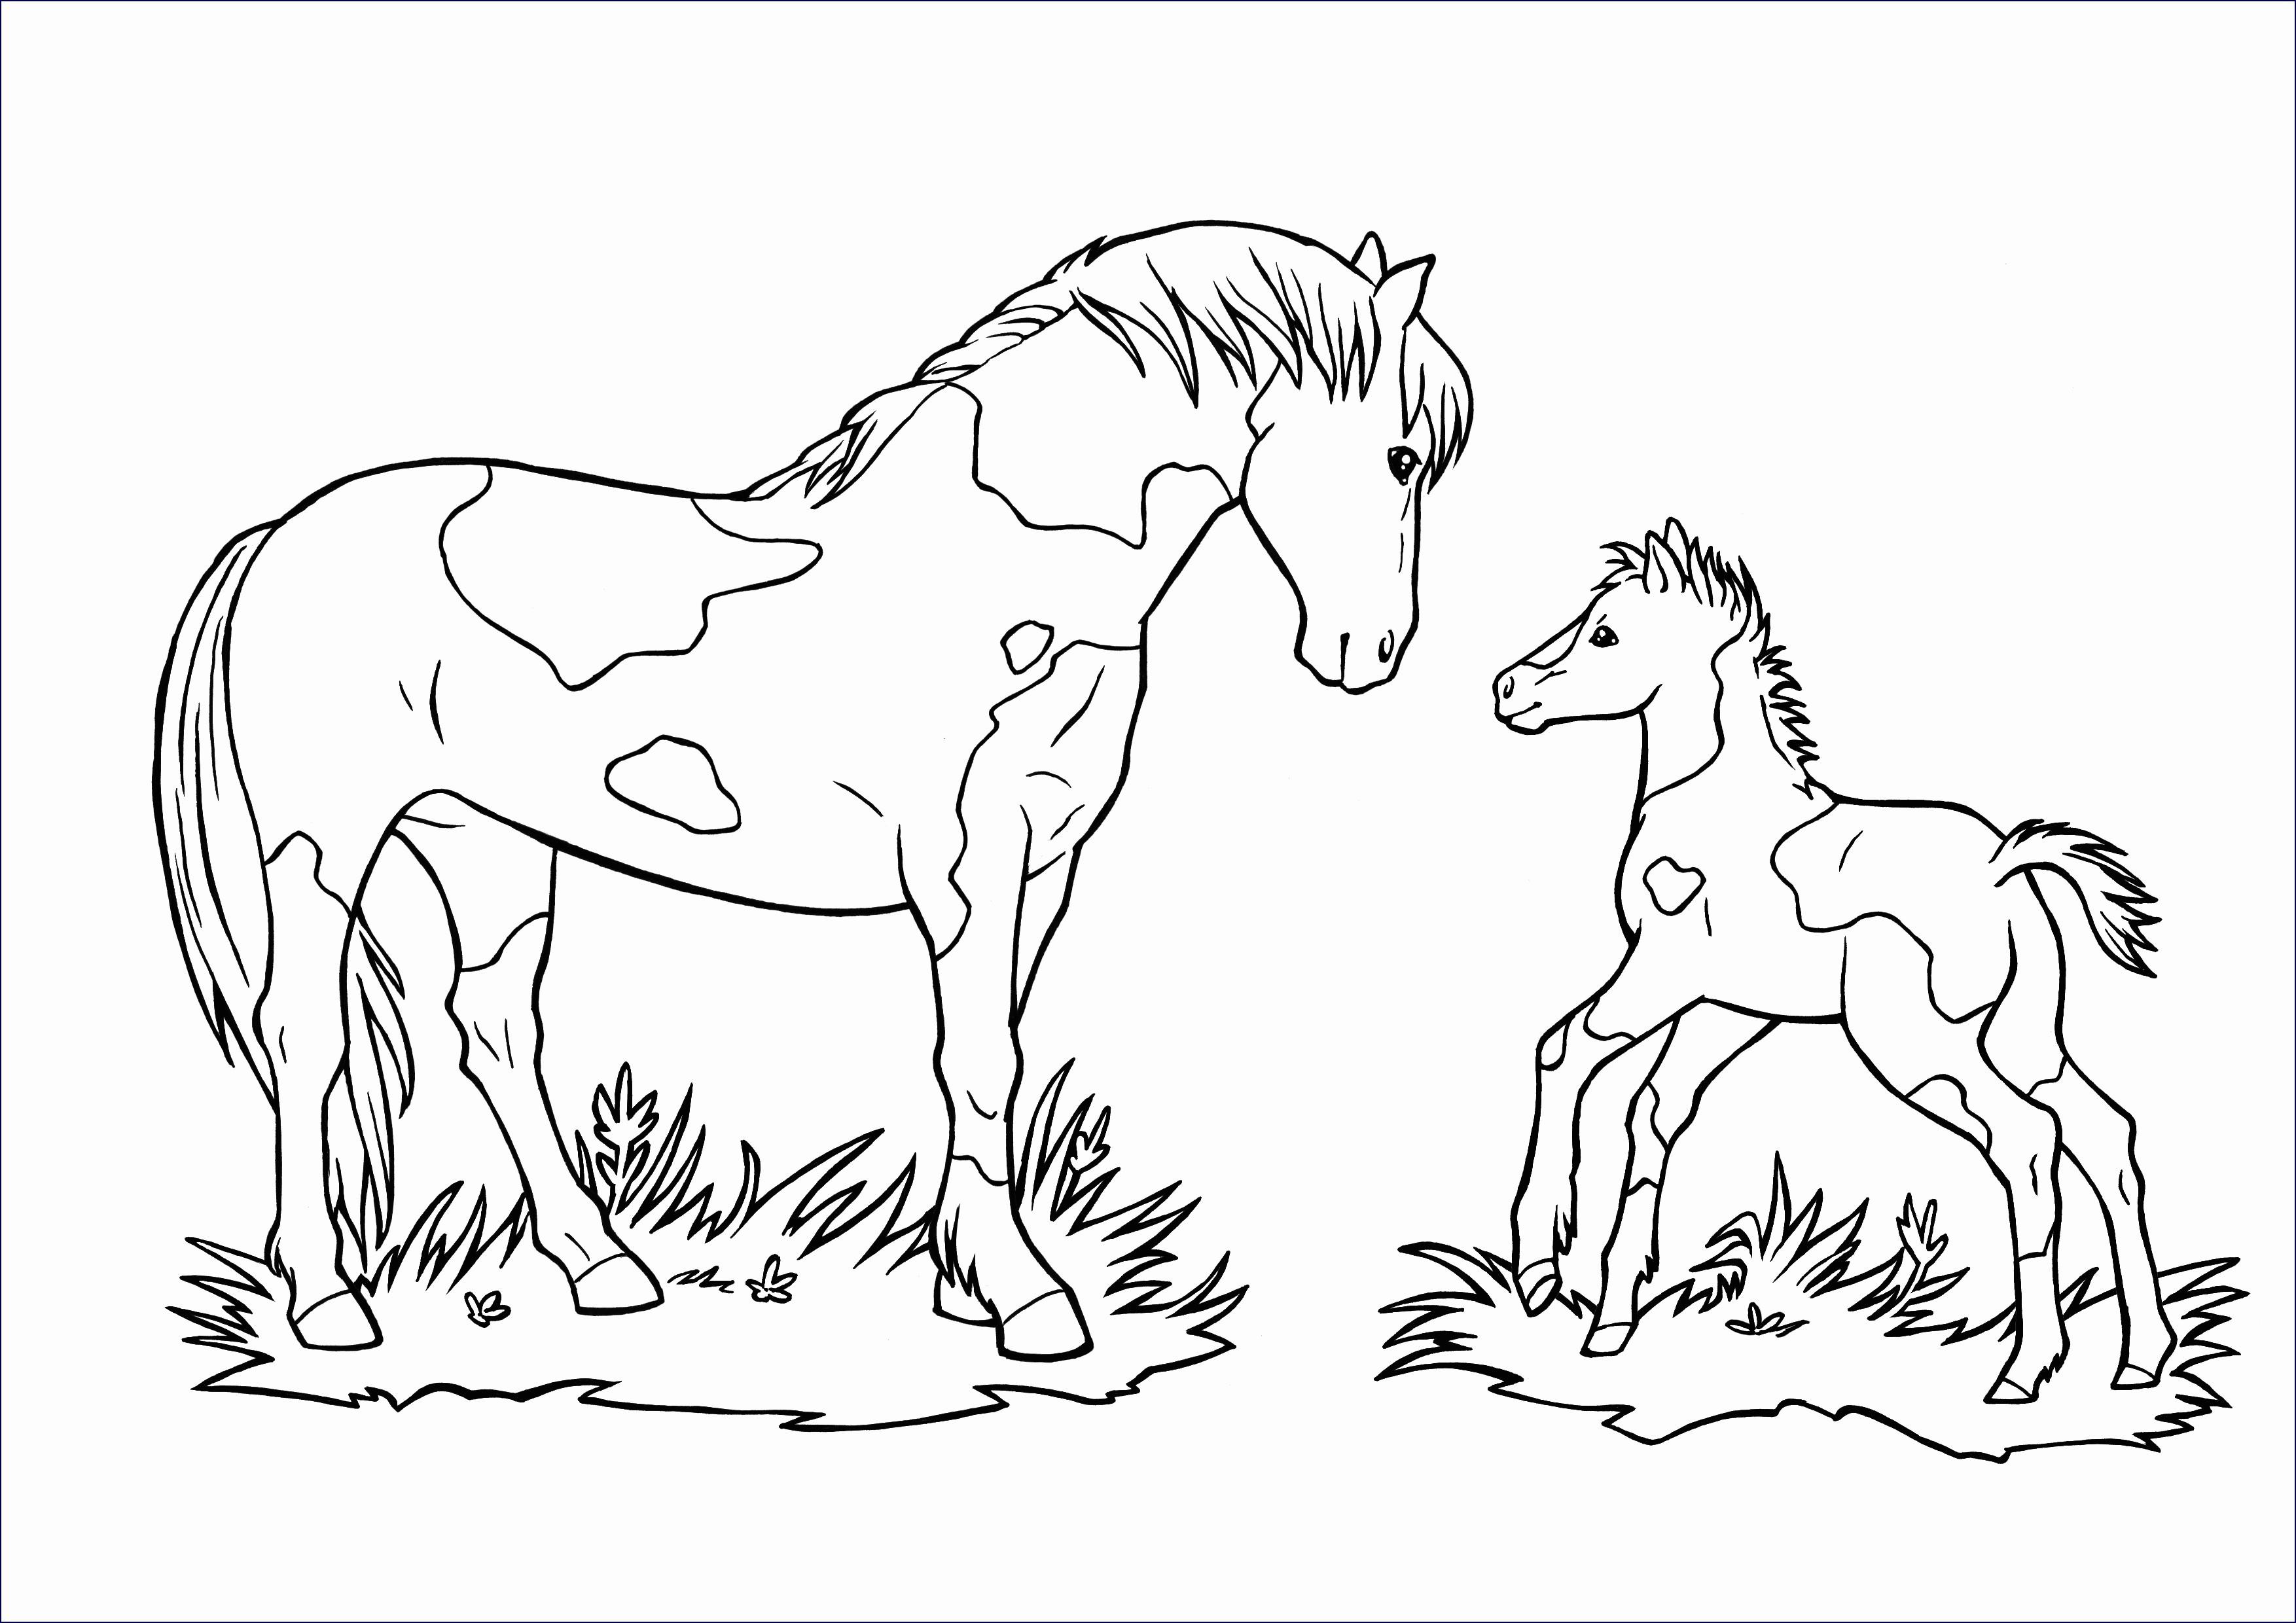 Pferde Ausmalbilder Mit Reiter Frisch Malvorlage Pferd Mit Reiter Stock